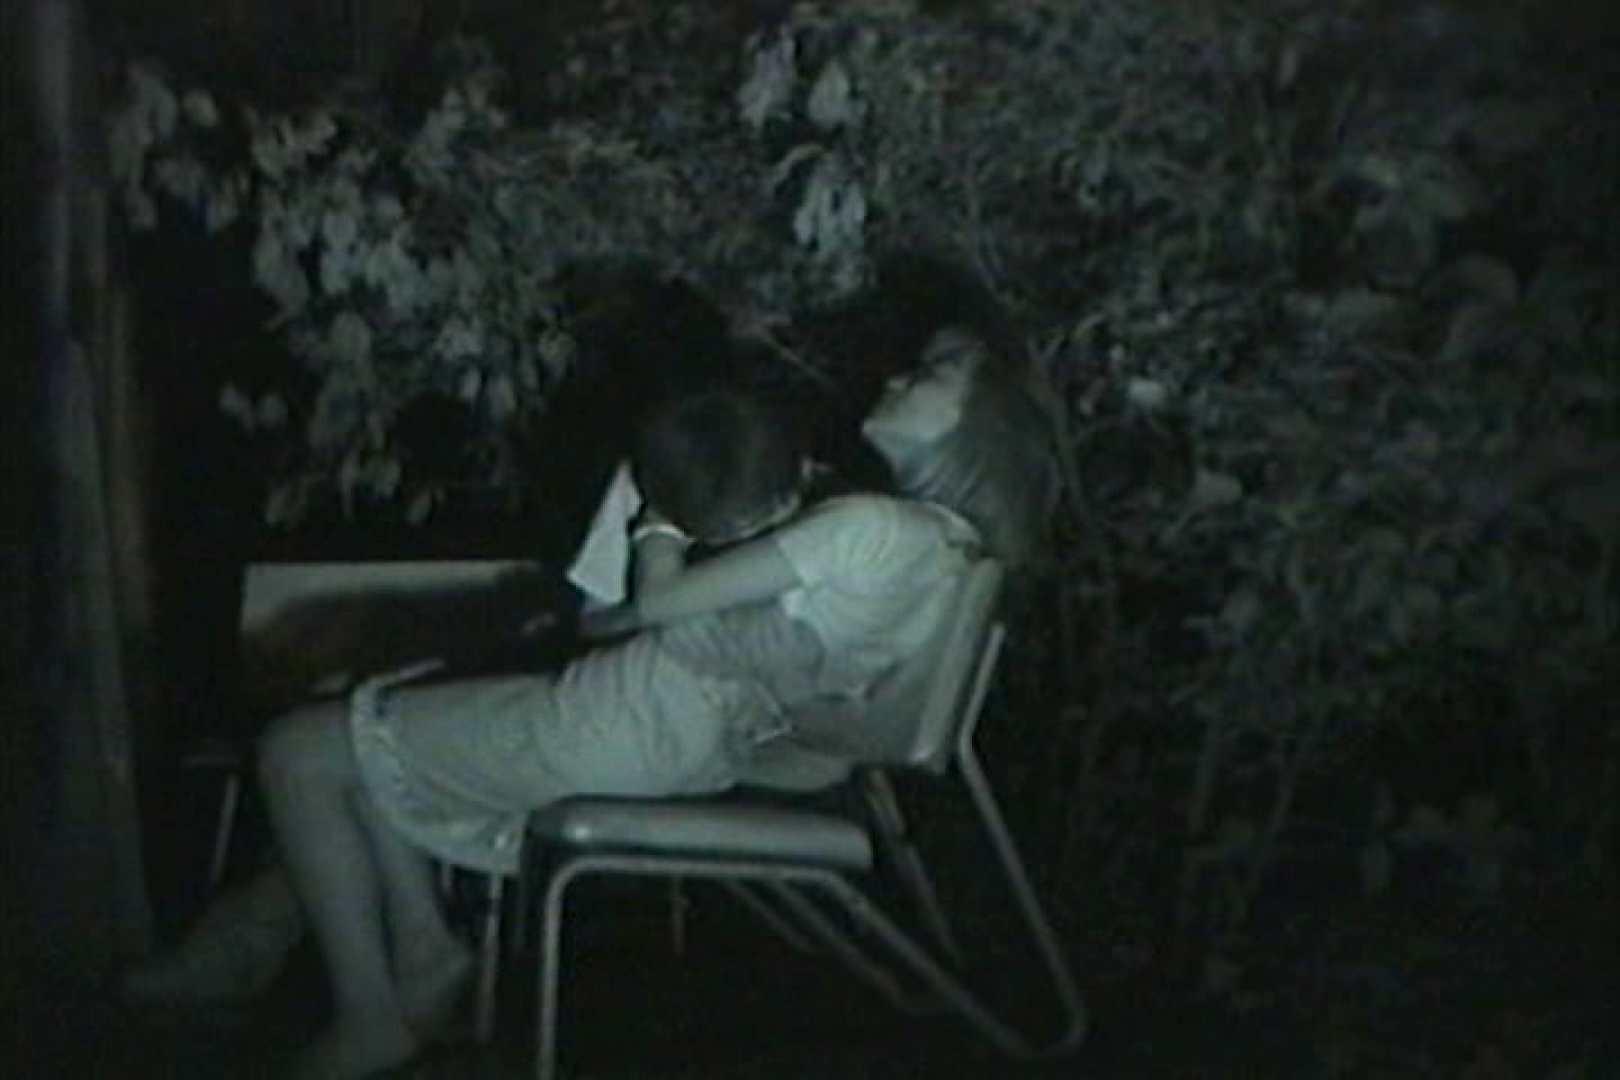 闇の仕掛け人 無修正版 Vol.25 美しいOLの裸体  102pic 10